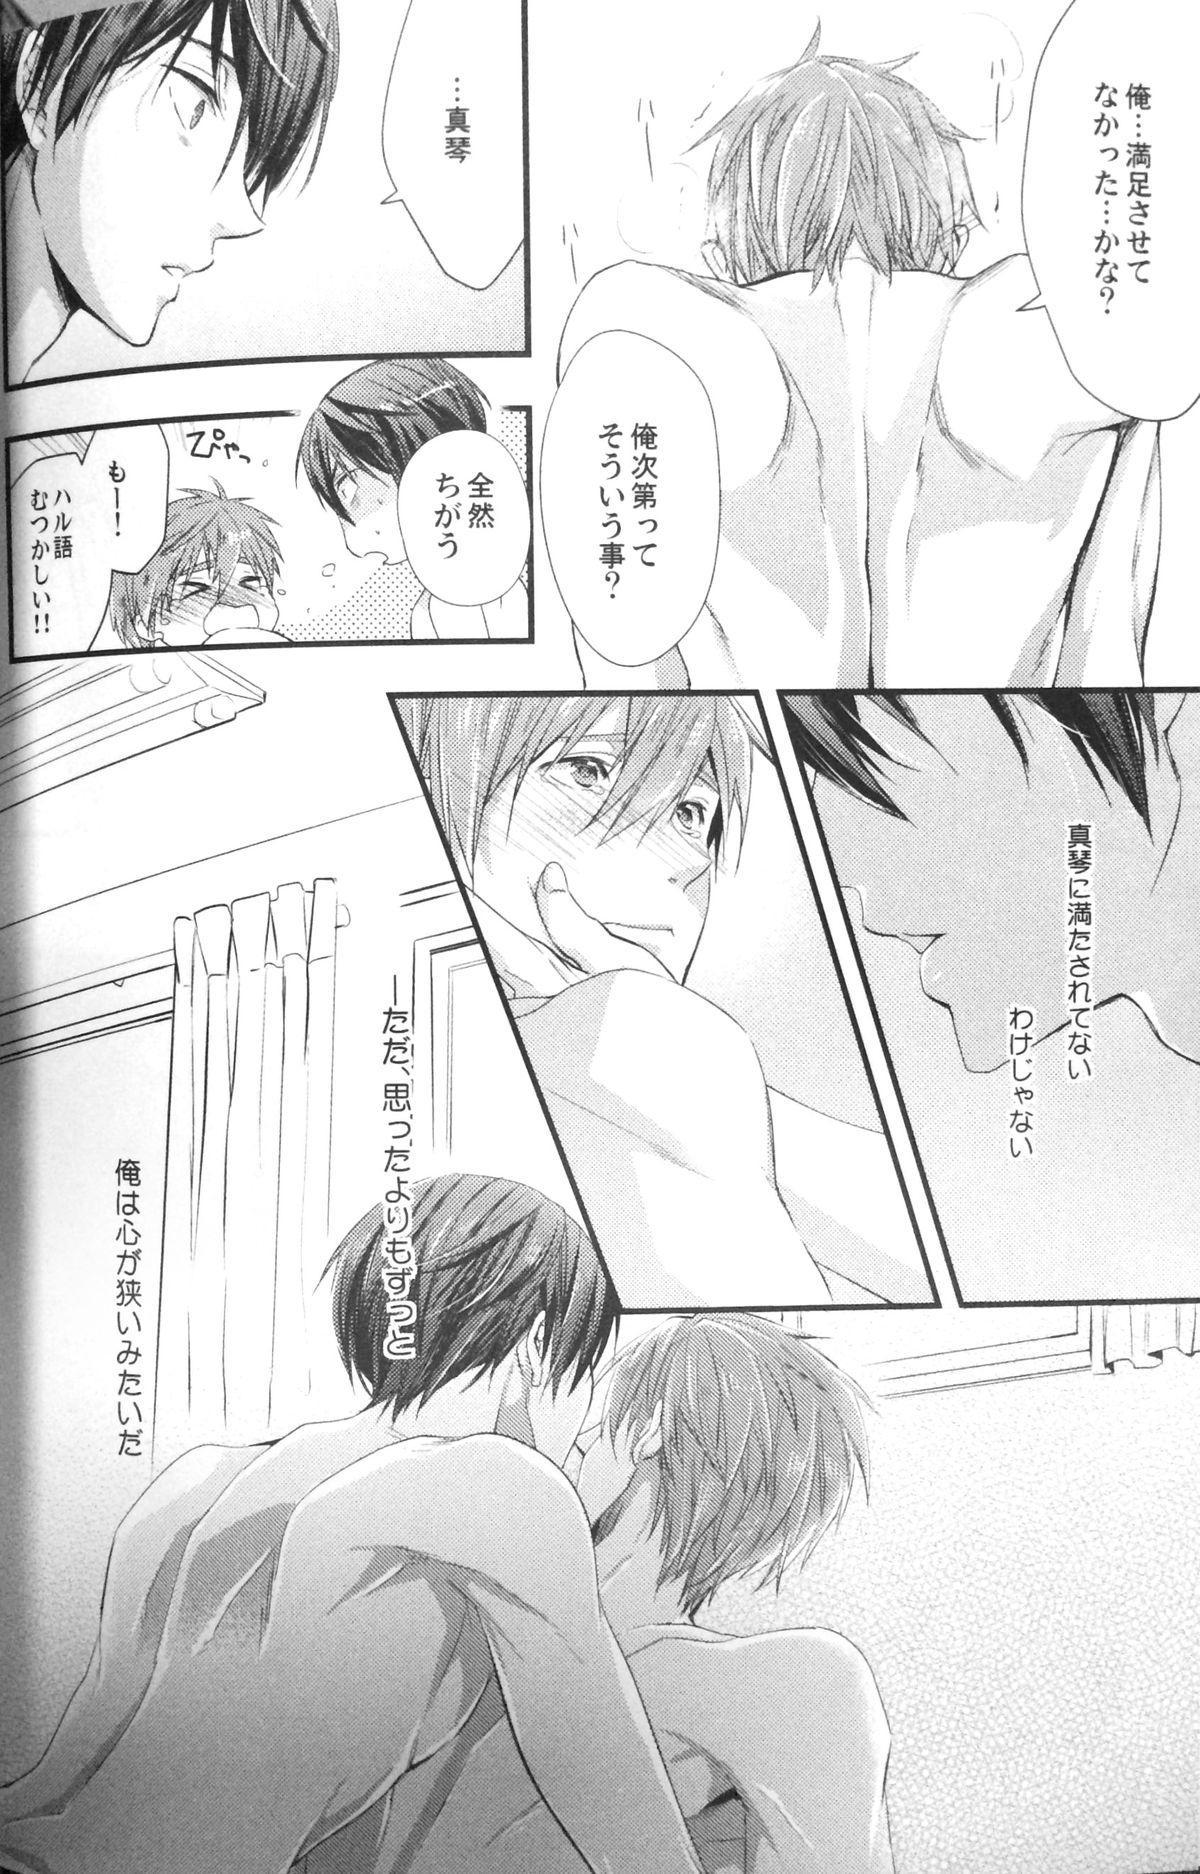 Basuke buchou ni Kokuhaku saretara Haru ni Okorareta 16